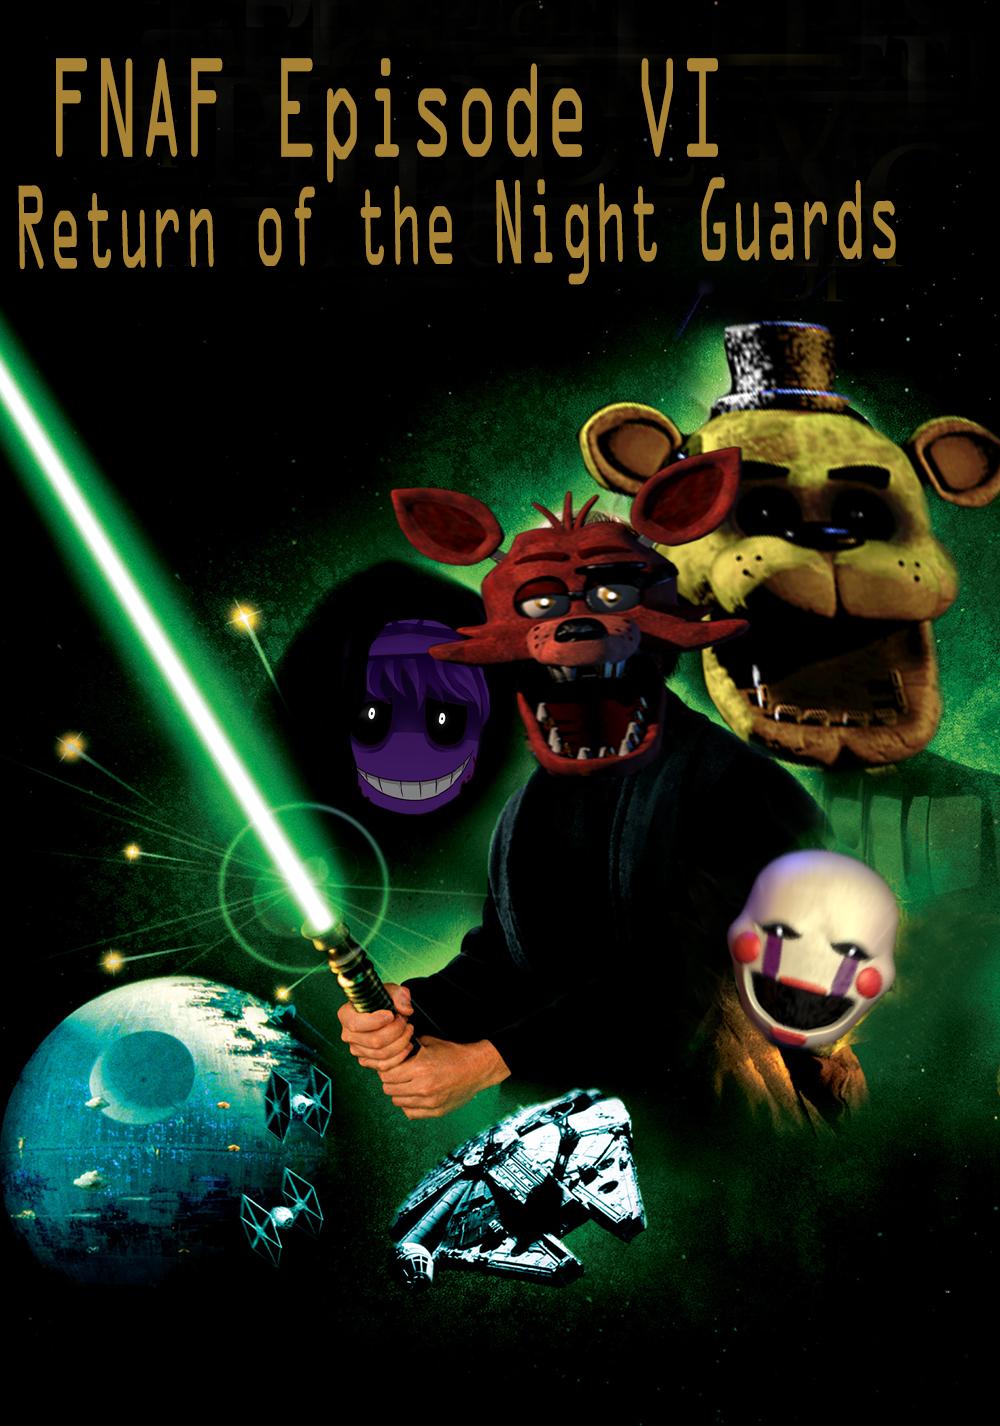 Fnaf episode vi return of the night guards by longlostlive on